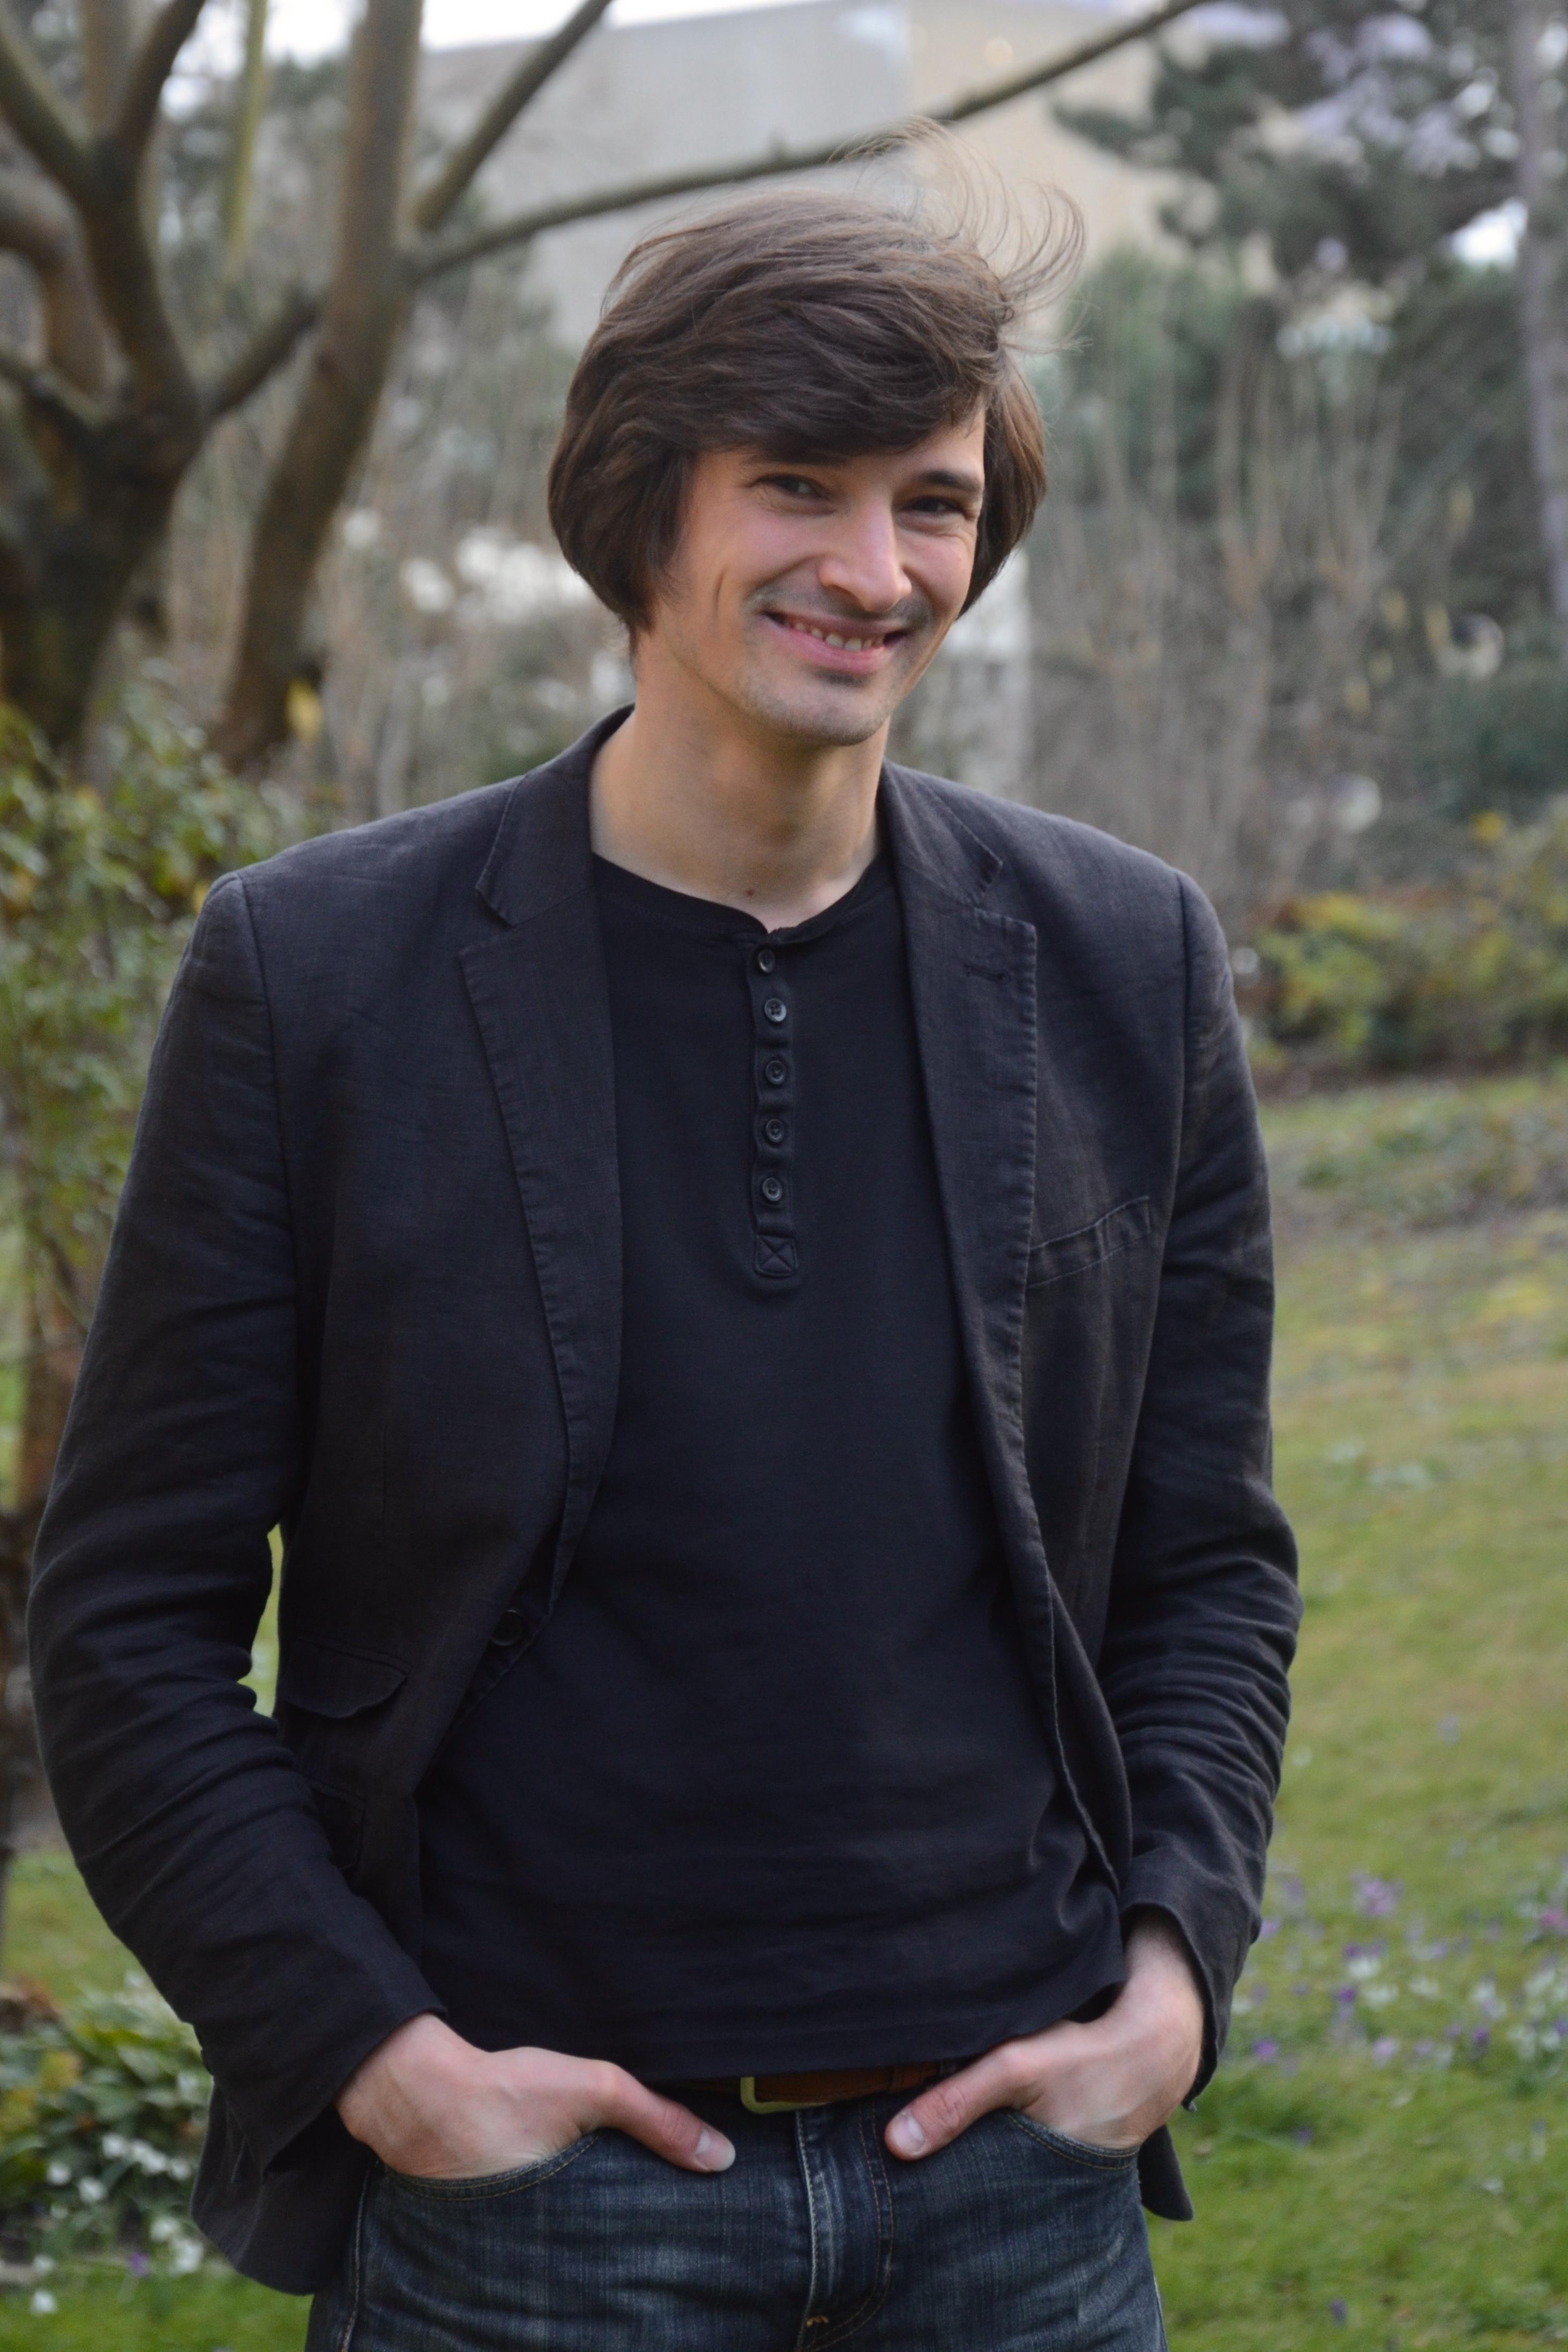 Daniil Pakhomenko